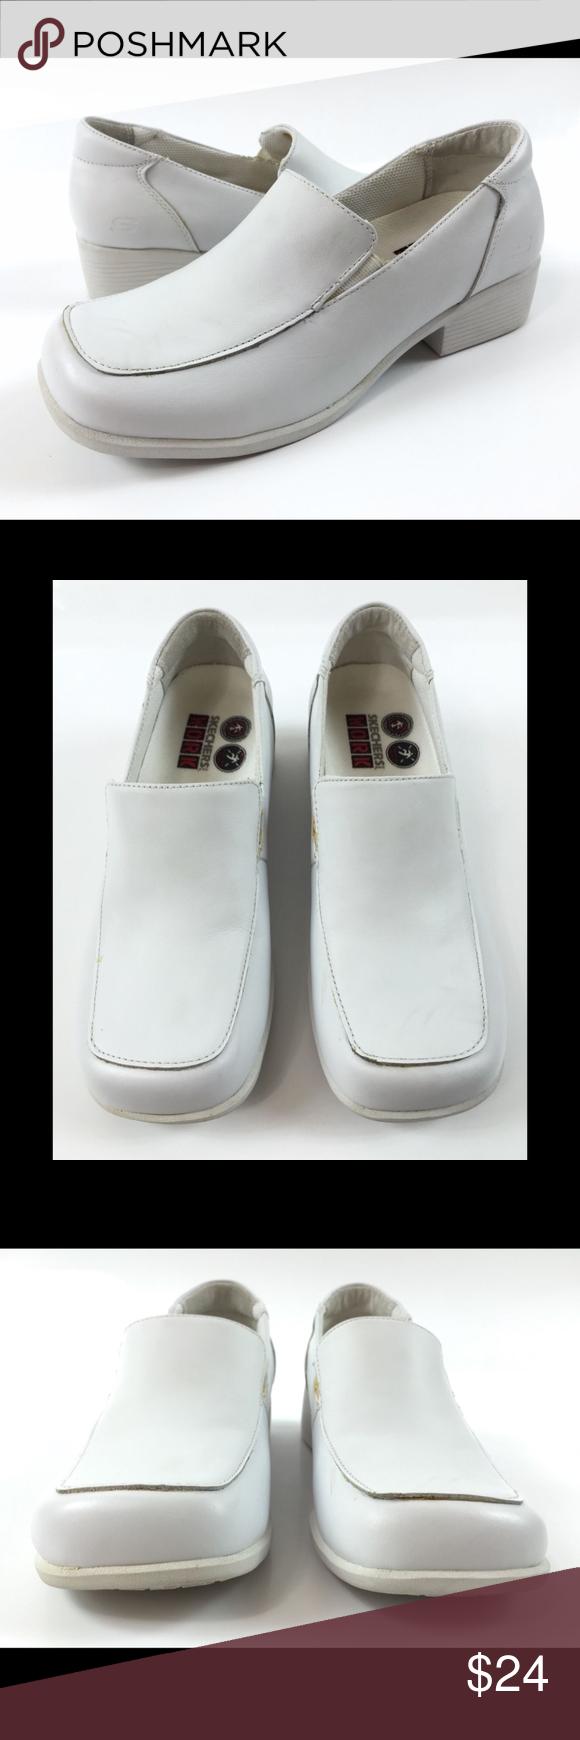 7ec31b52378 Skechers Work EH 7 Slip Resistant Loafers Heels Skechers Work EH Womens 7  White Leather Slip